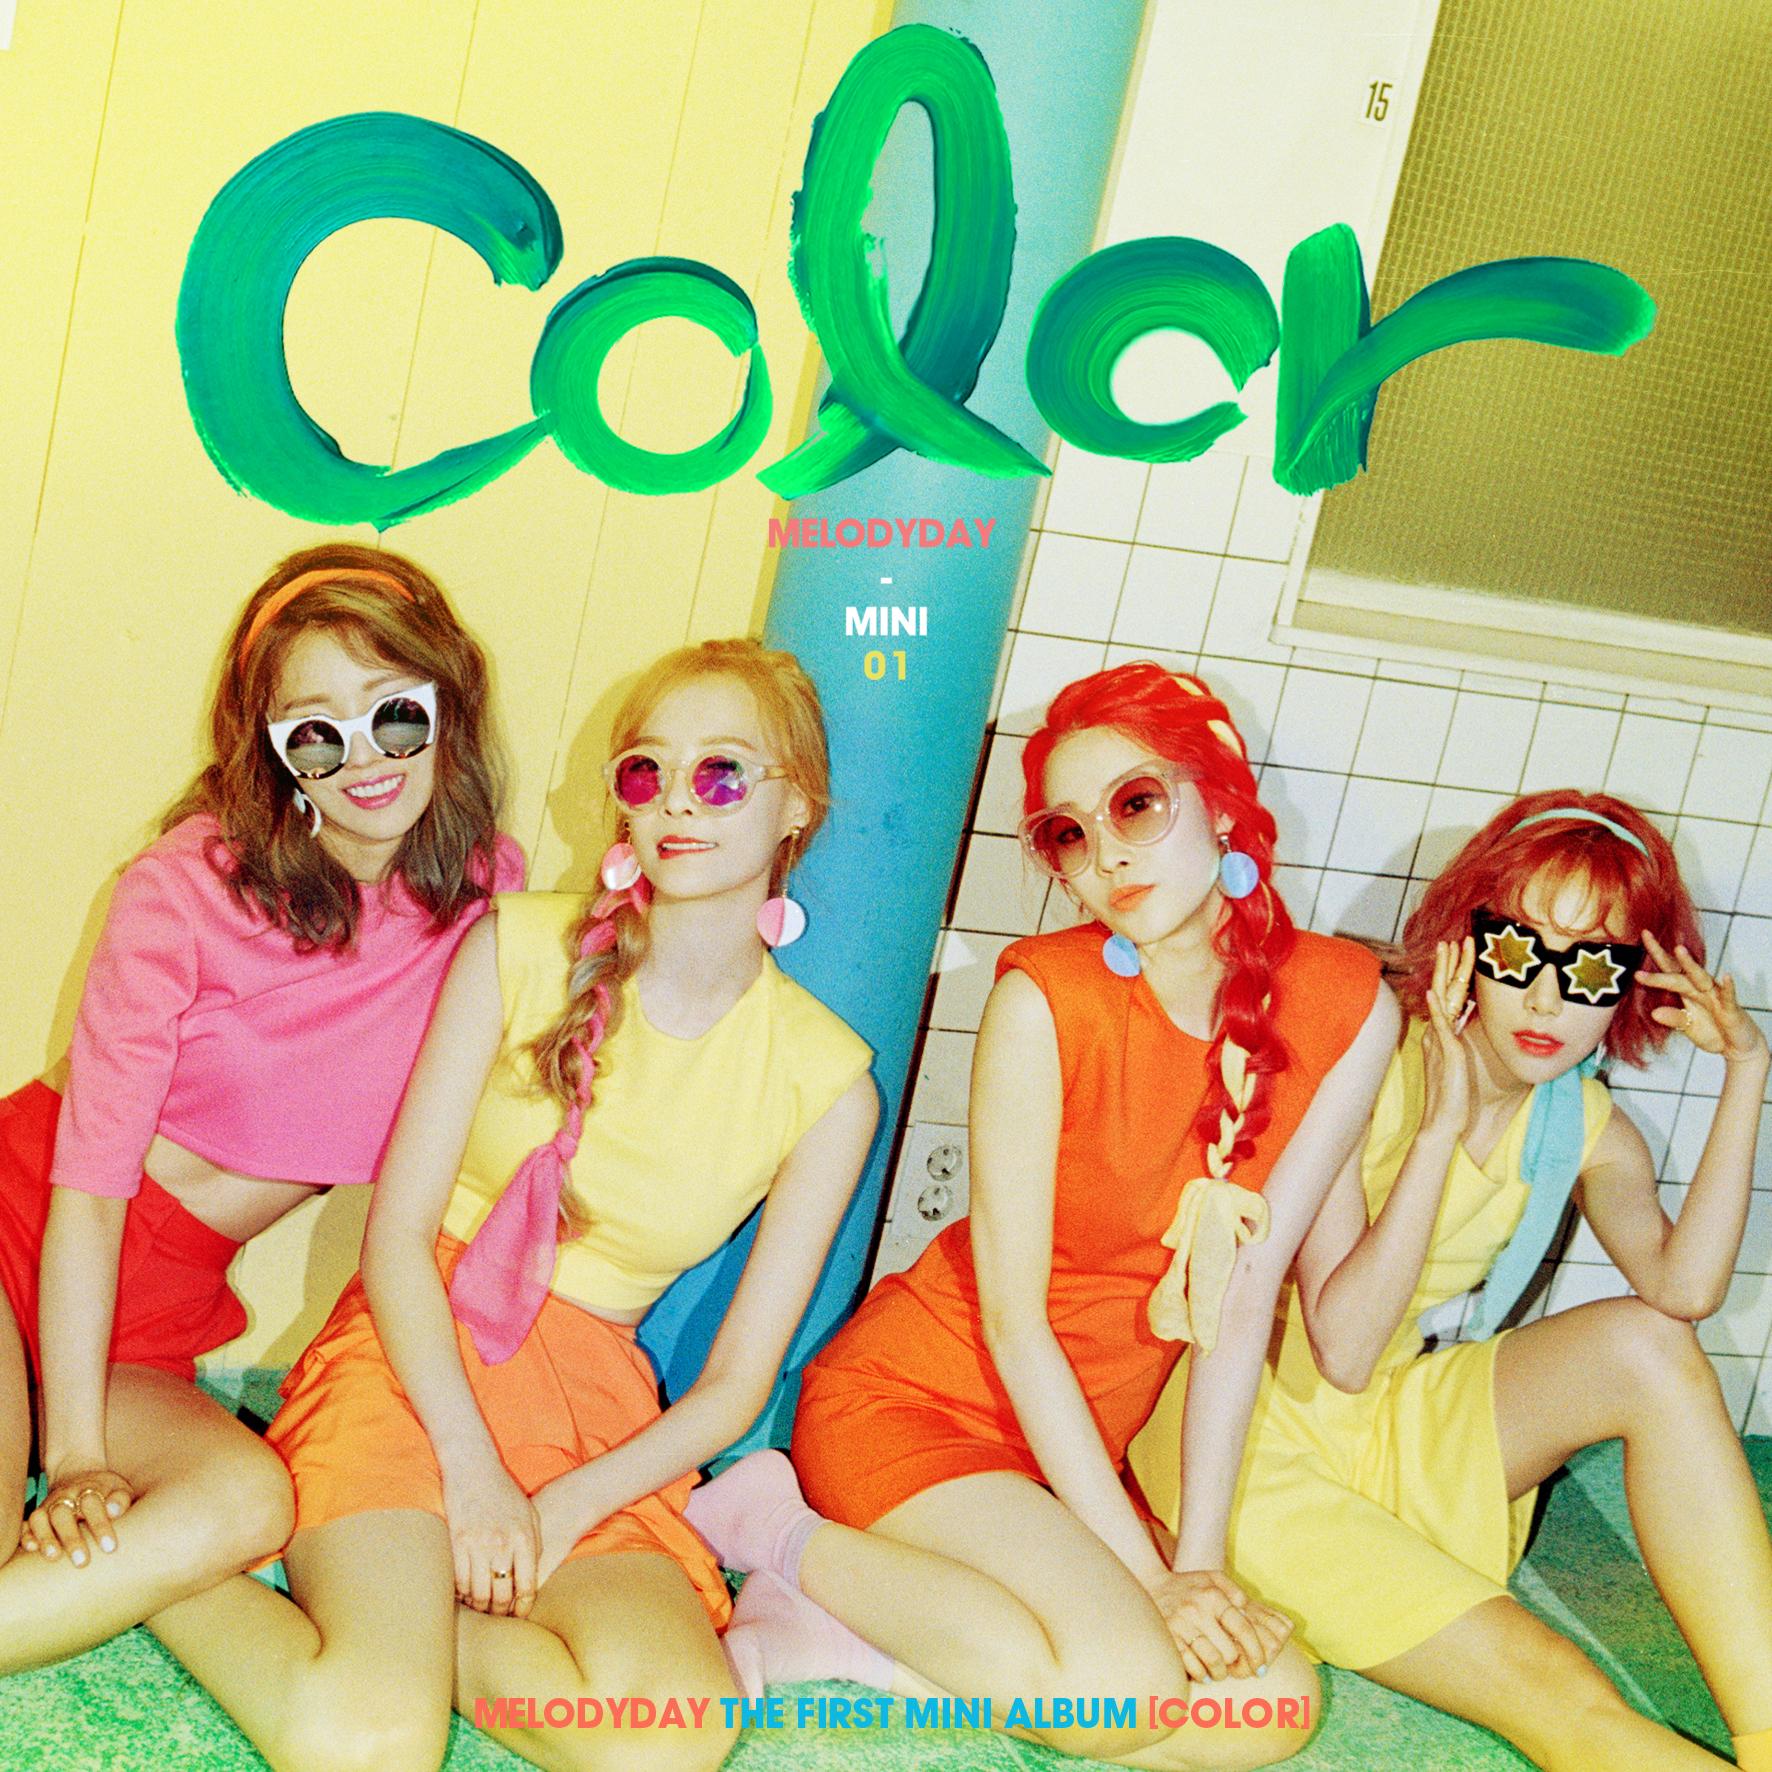 [멜로디데이] The 1st mini album 'COLOR'